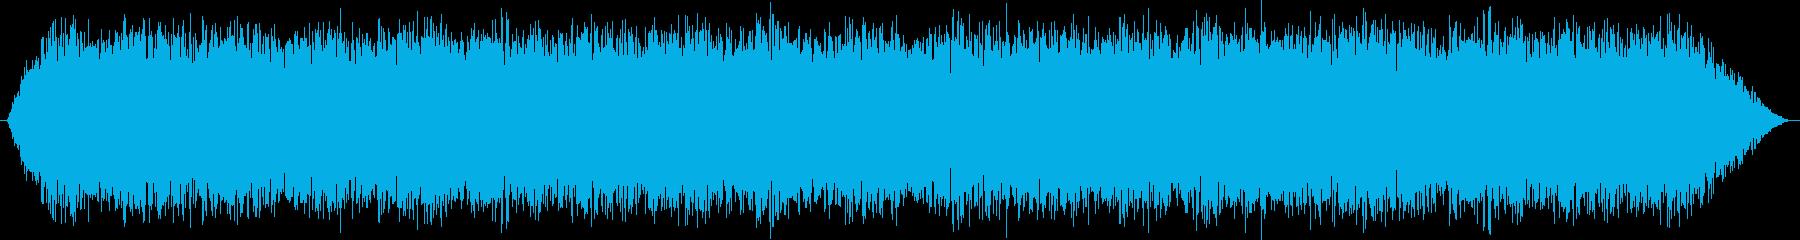 コマンドセンターの空間_01の再生済みの波形